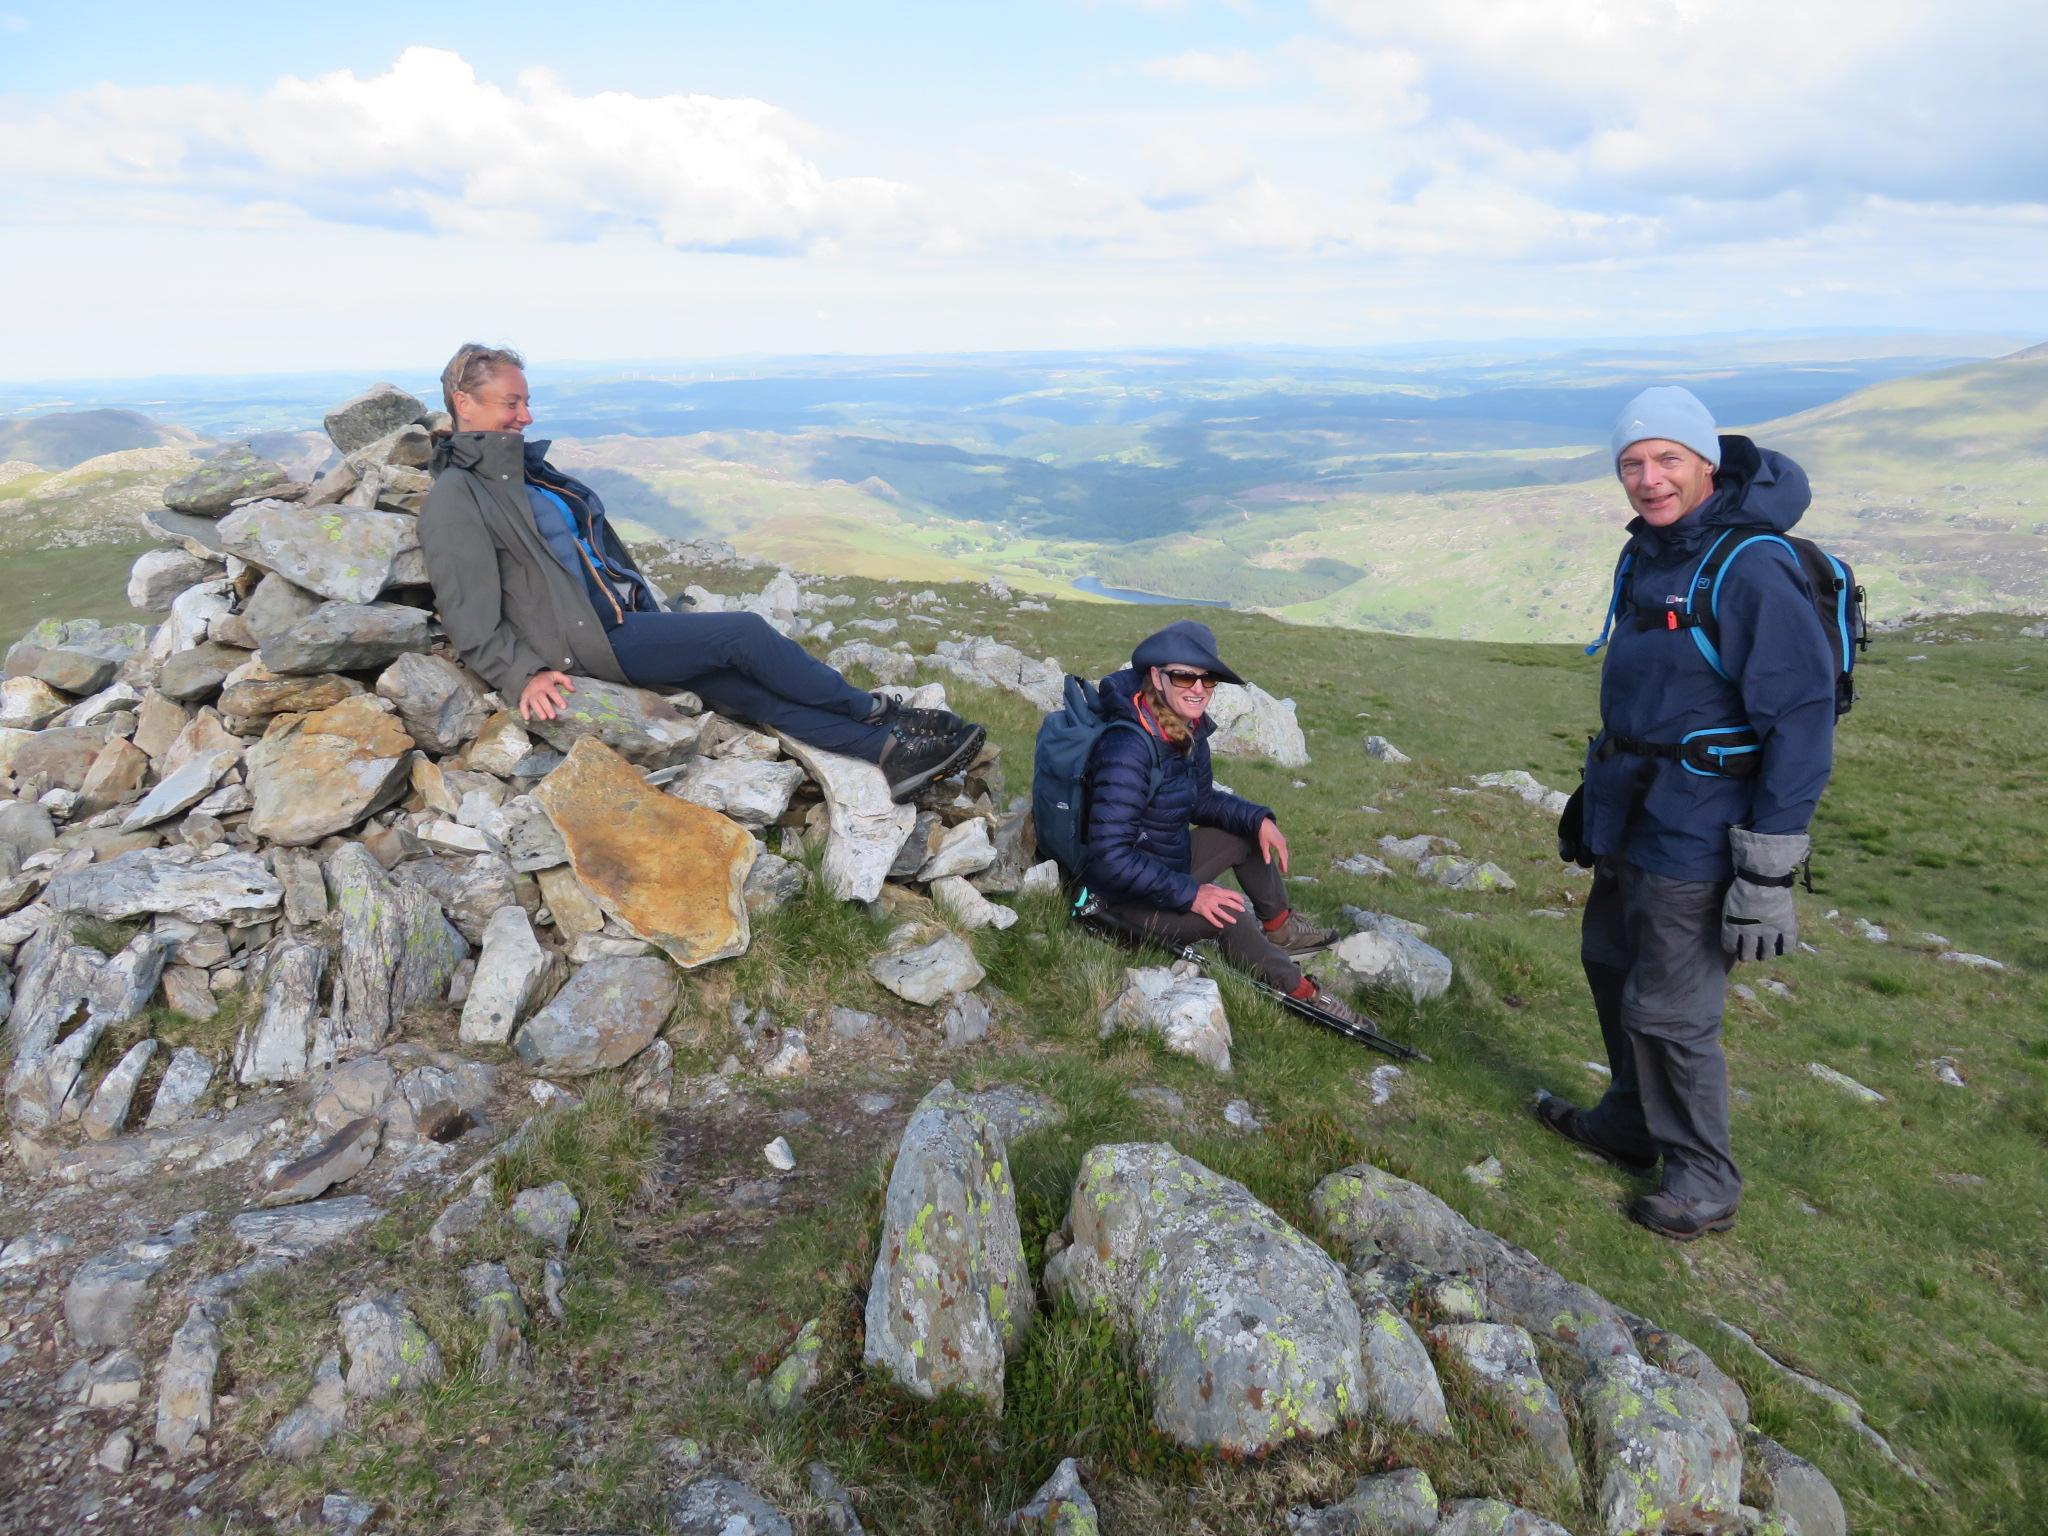 United Kingdom Wales Snowdonia, Glyderau from Pen-y-Pass, Y Foel Goch summit, Walkopedia